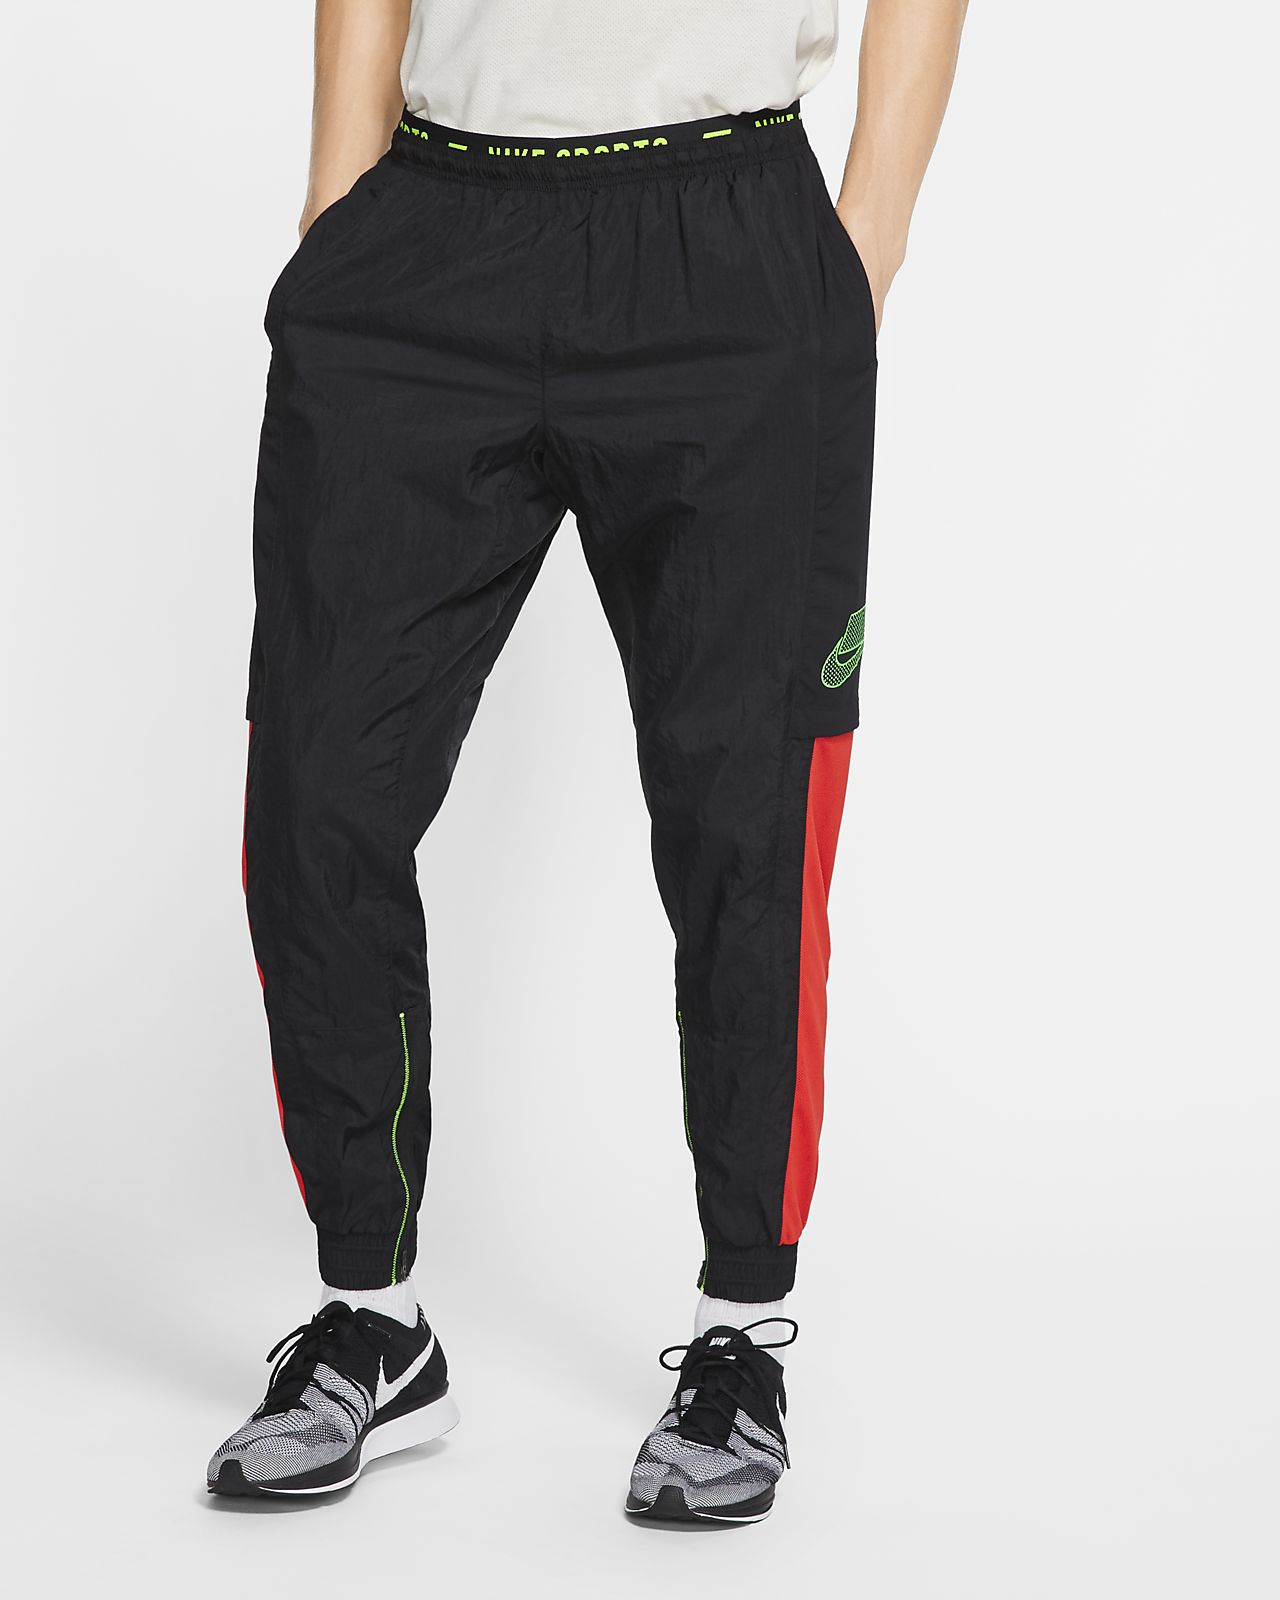 Ανδρικό παντελόνι προπόνησης Nike Dri-FIT Flex Sport Clash